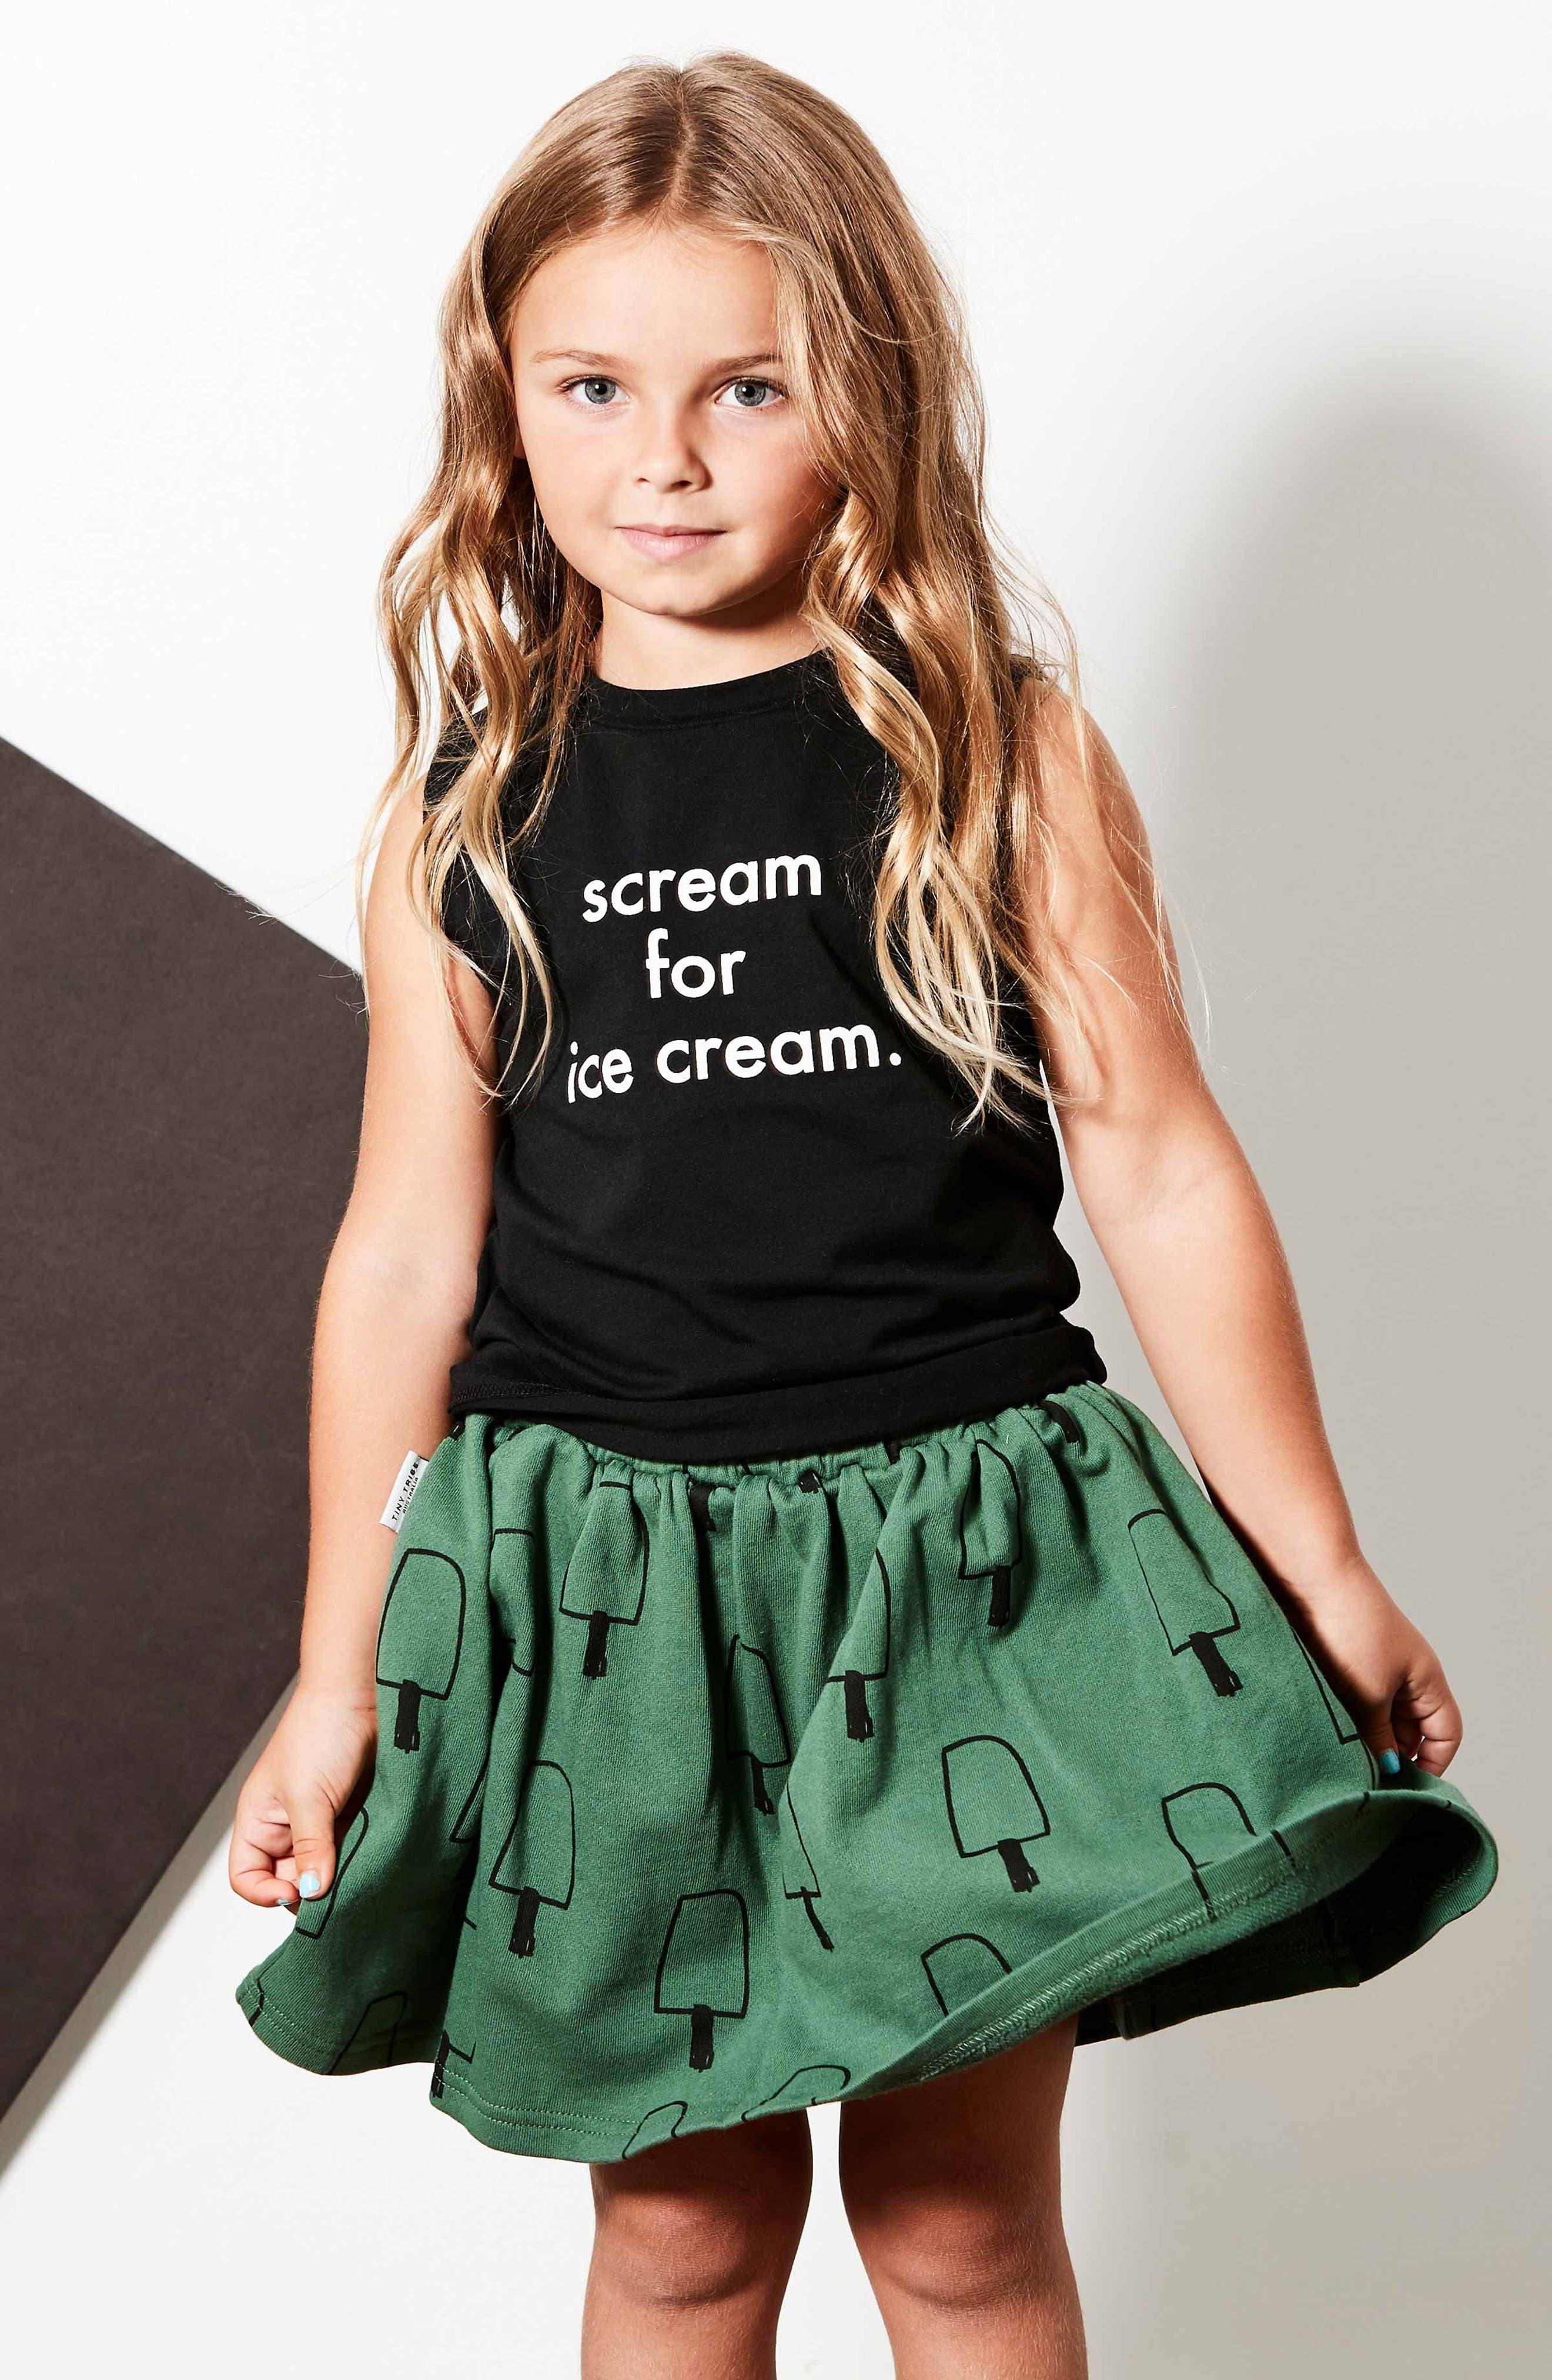 Scream for Ice Cream Tank & Skirt Set,                             Alternate thumbnail 3, color,                             BLACK / GREEN